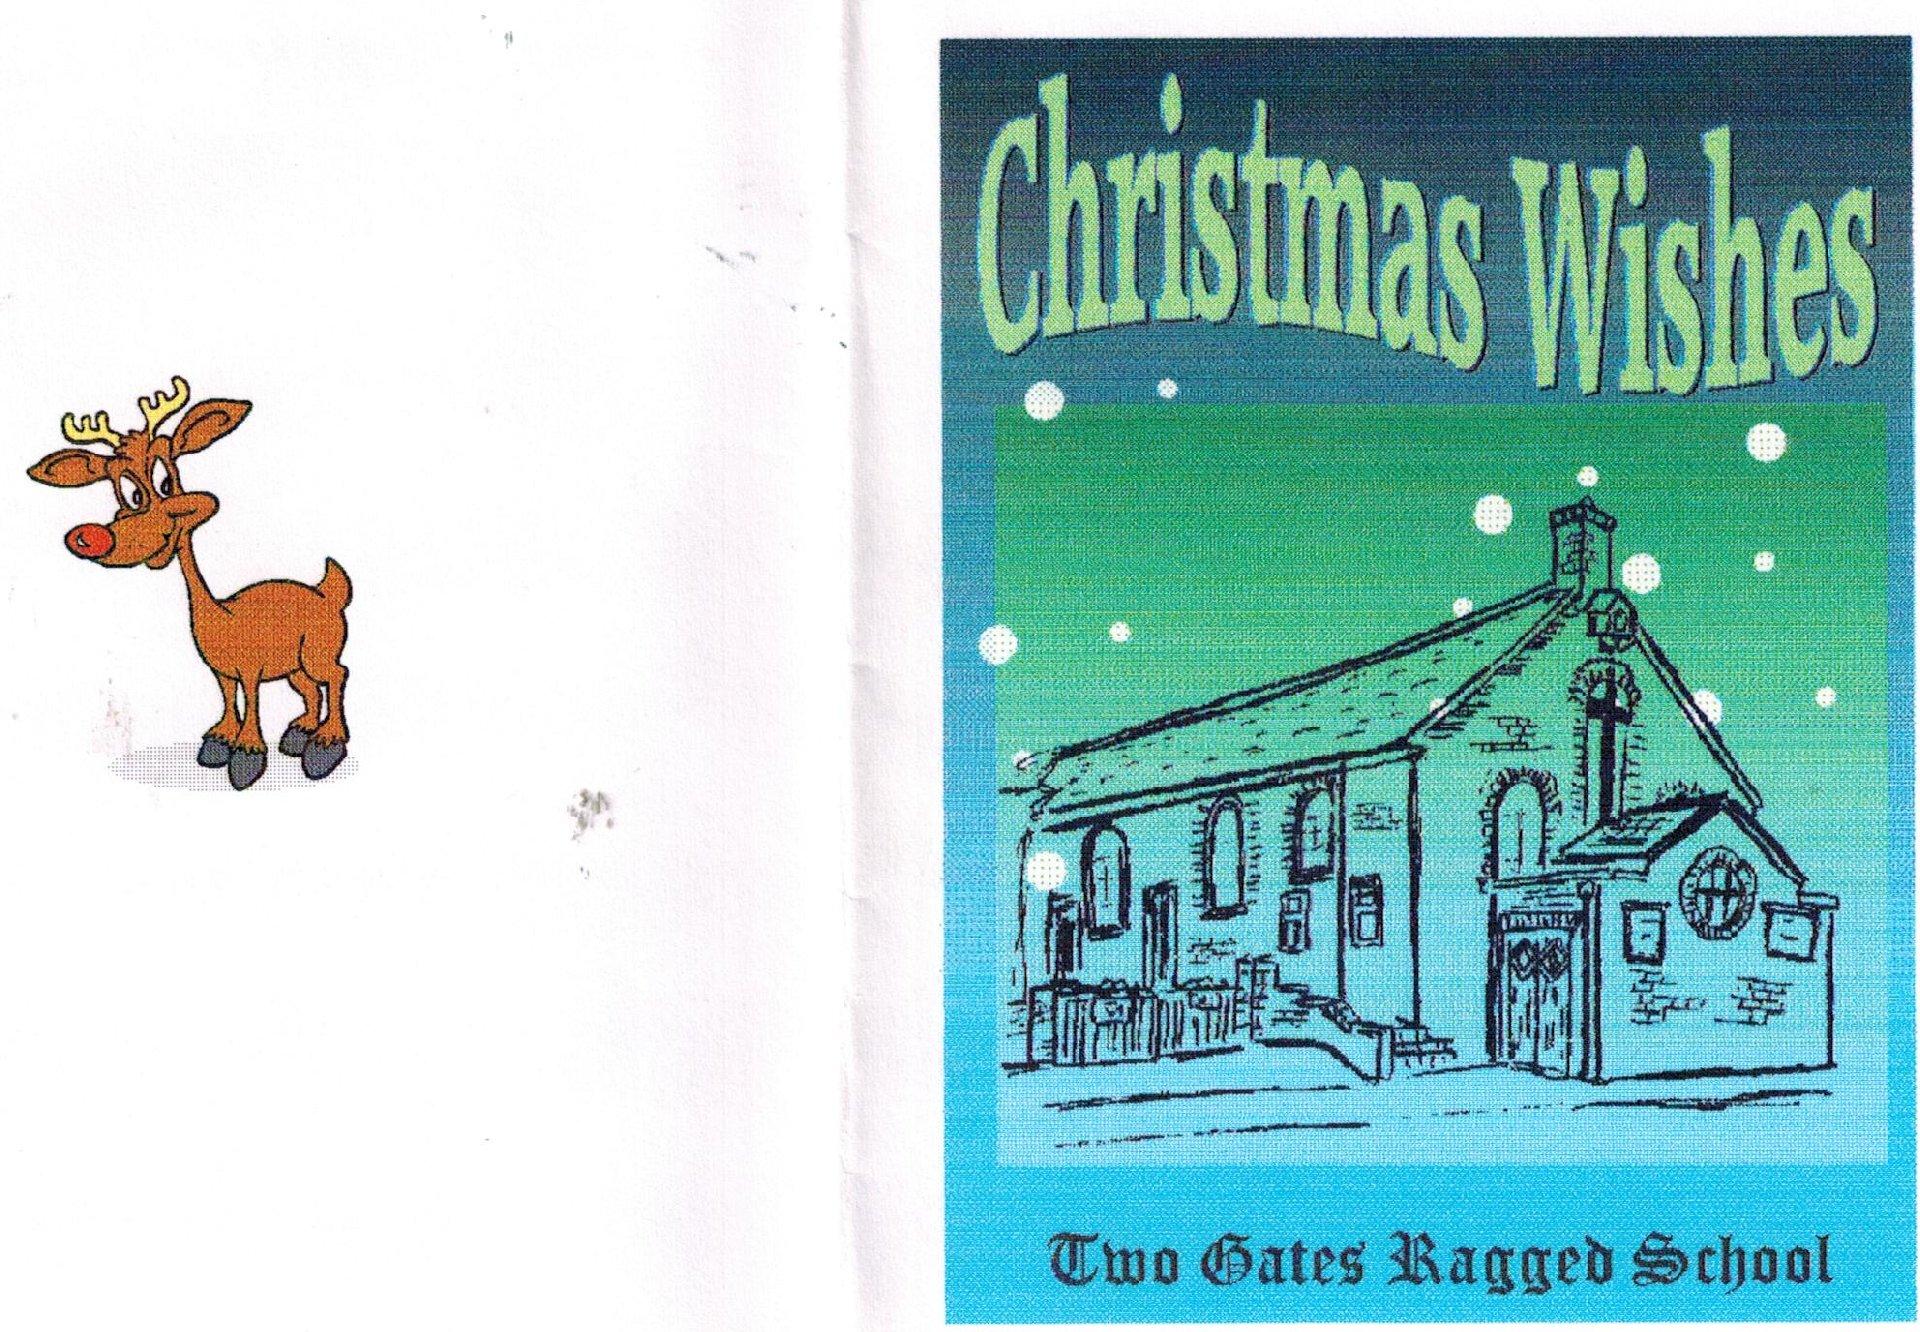 J086b_Xmas-wishes[Dec-2000]